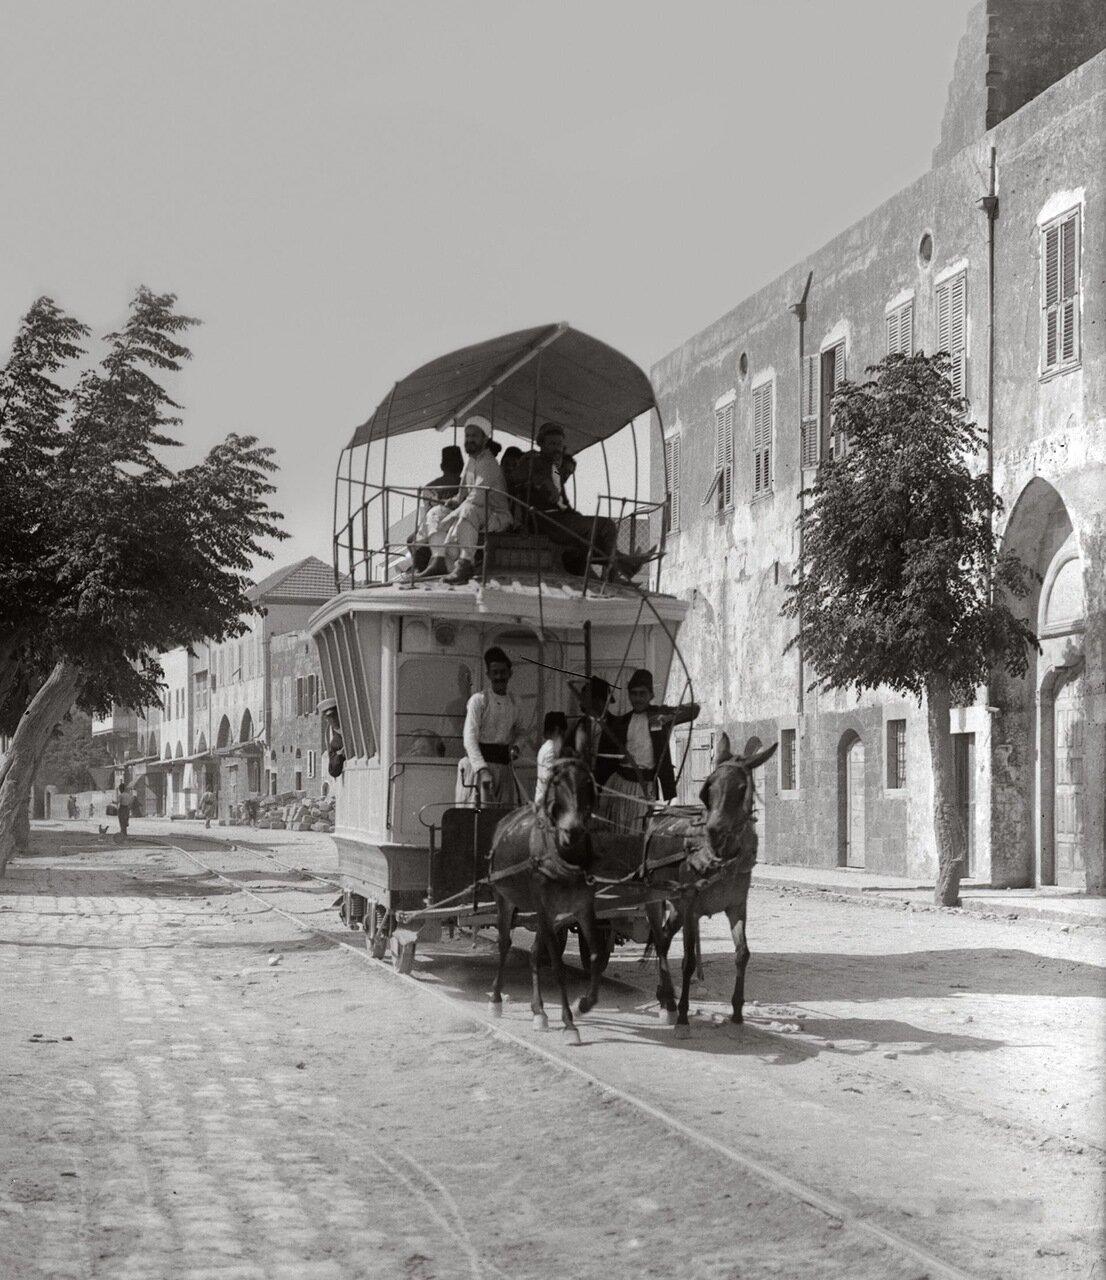 Трамвай запряженный мулами. Триполи, Ливан. 1900-1920 гг.